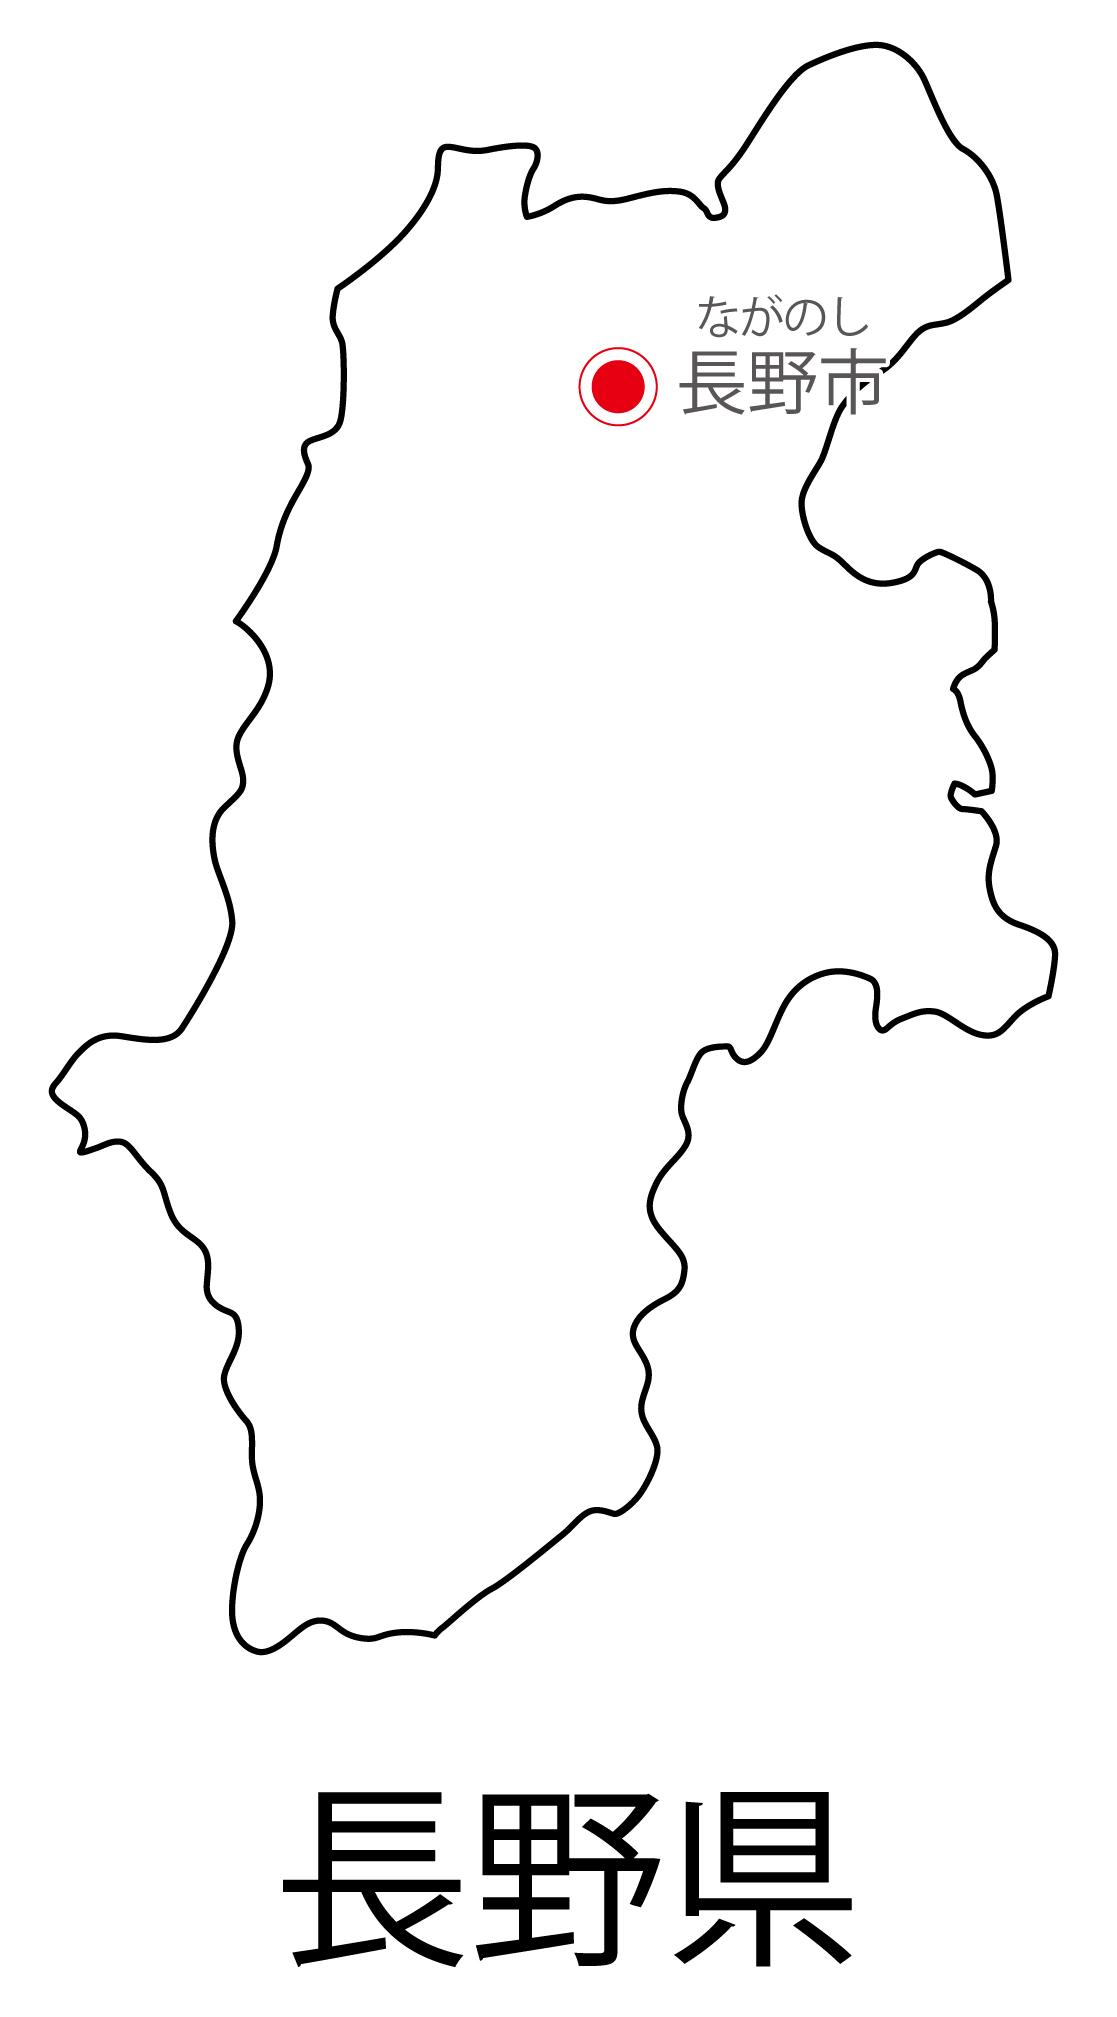 長野県無料フリーイラスト|日本語・都道府県名あり・県庁所在地あり・ルビあり(白)